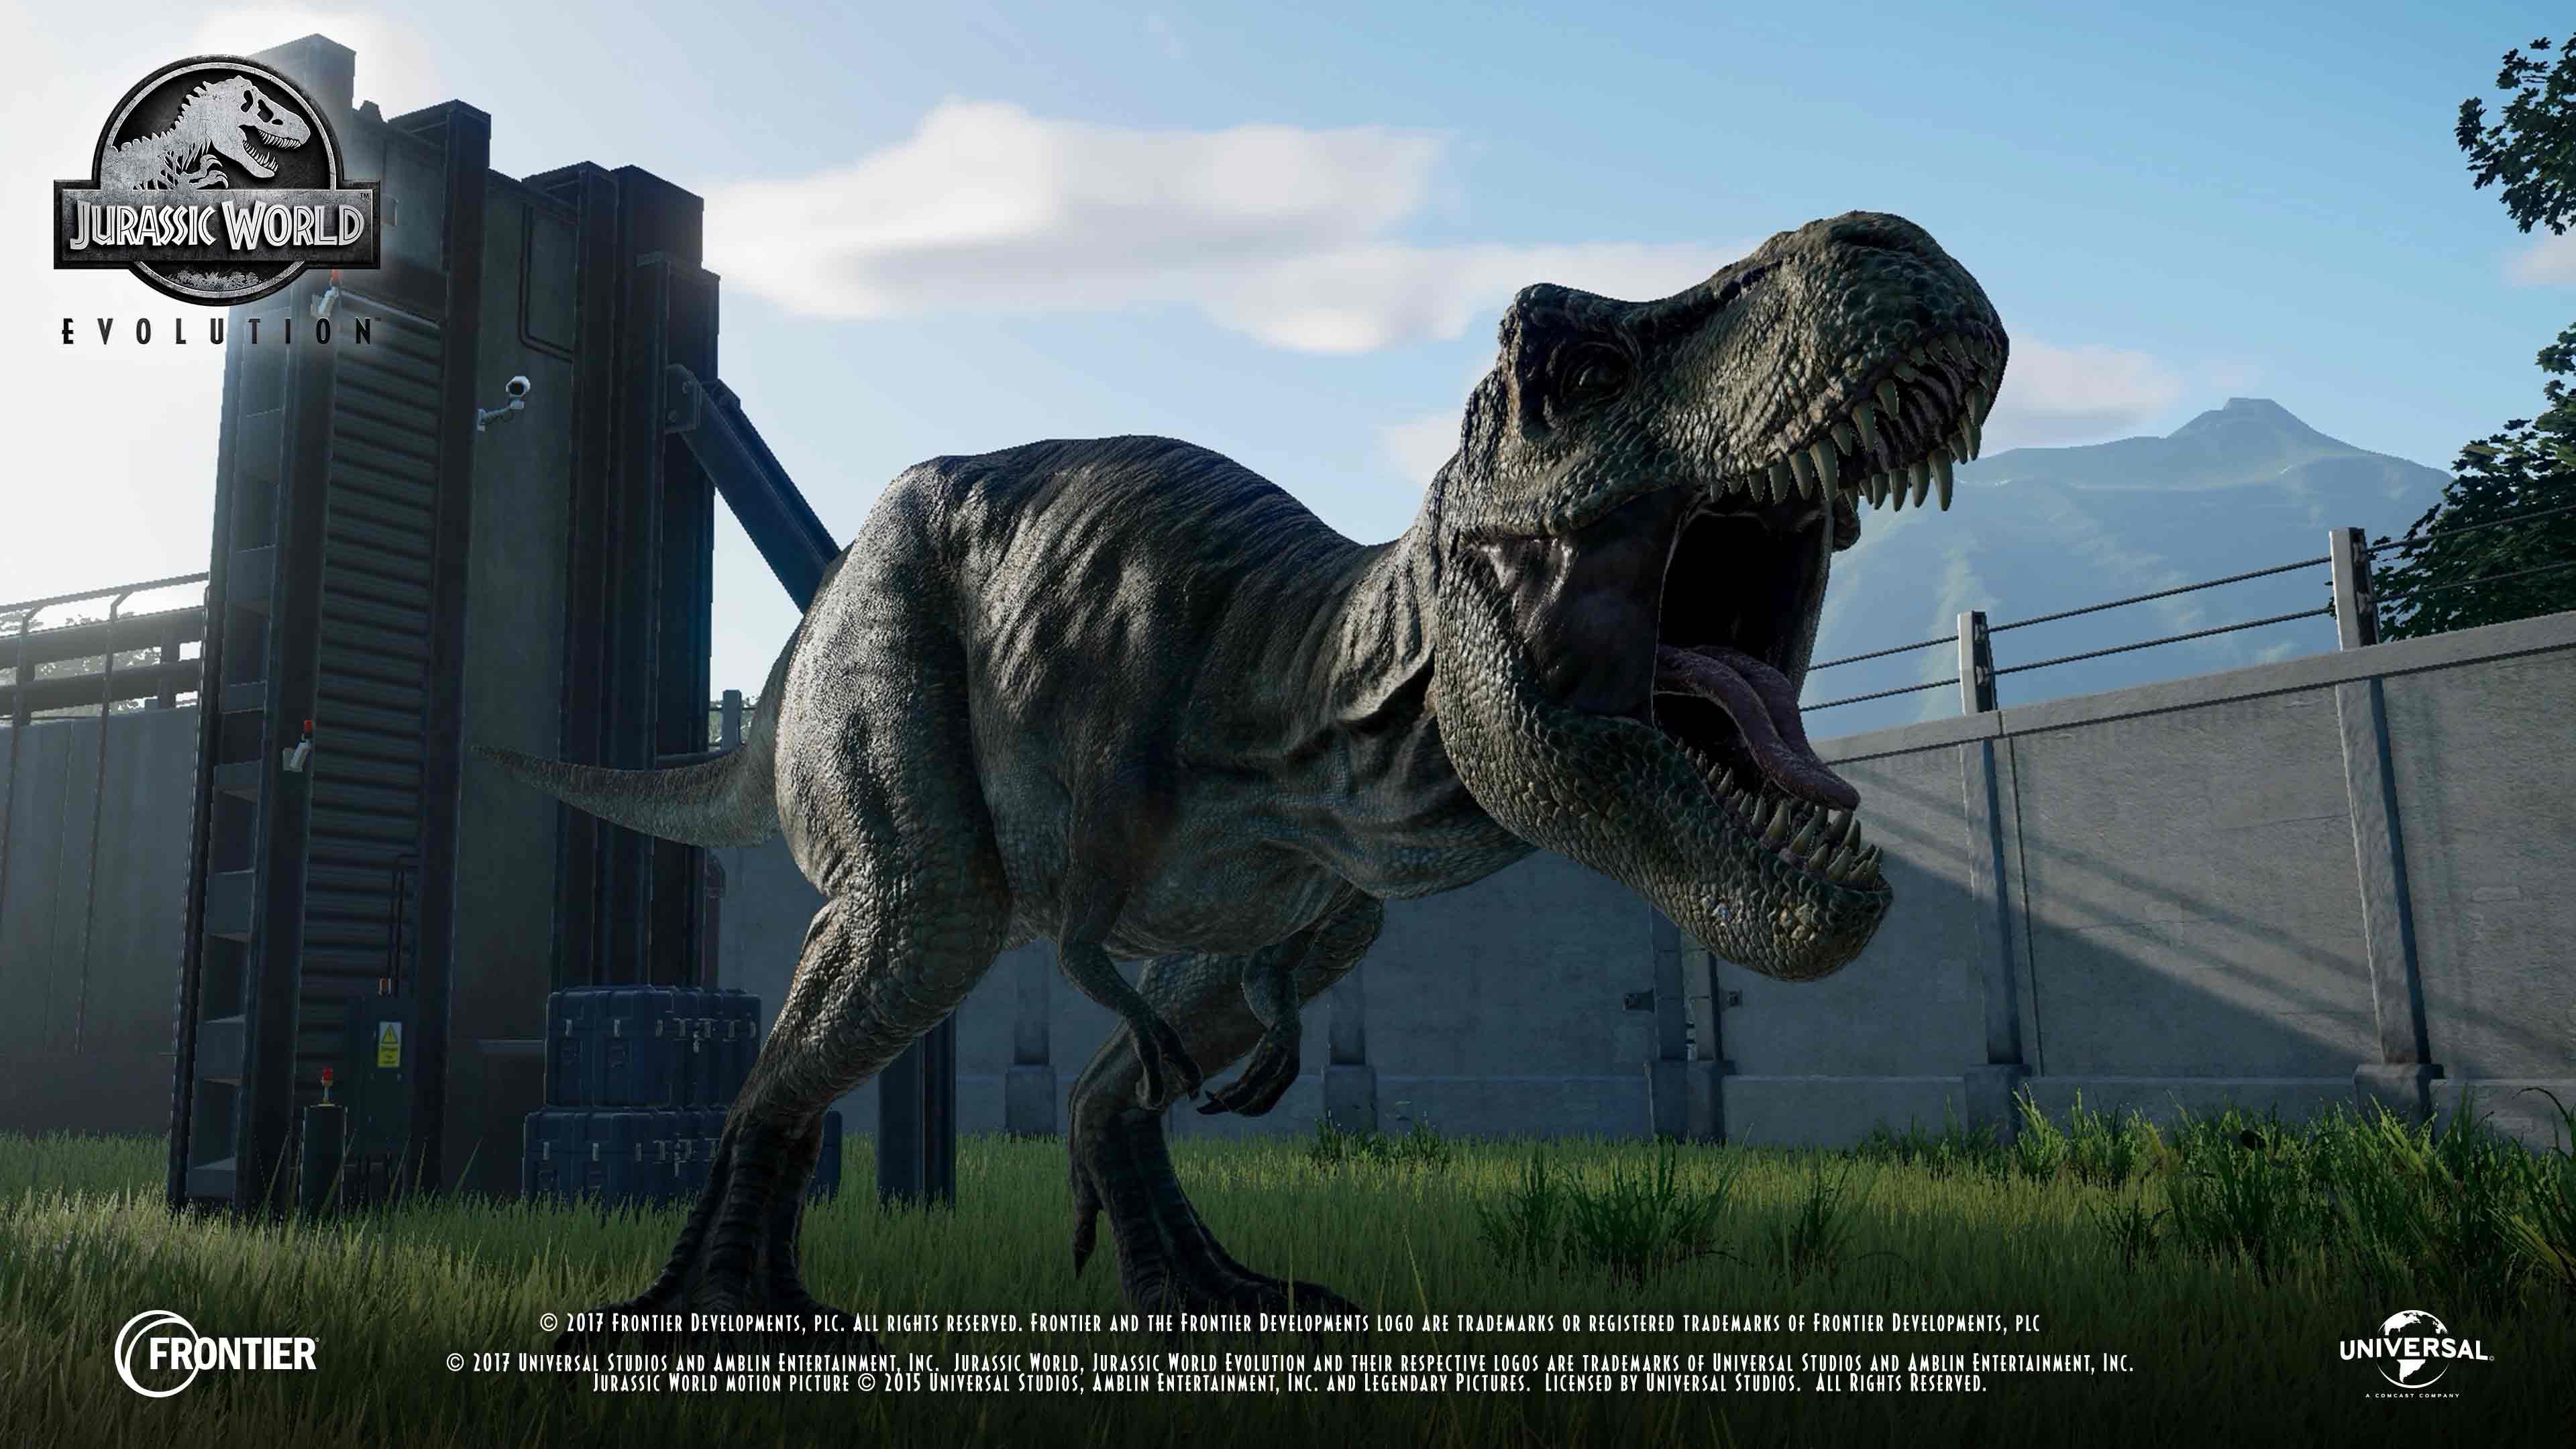 Videojuego Jurassic World Evolution Construye Tu Parque De Dinosaurios Para defenderte de las mamás que quieren defender a sus crías y recuperar los preciados huevos. videojuego jurassic world evolution